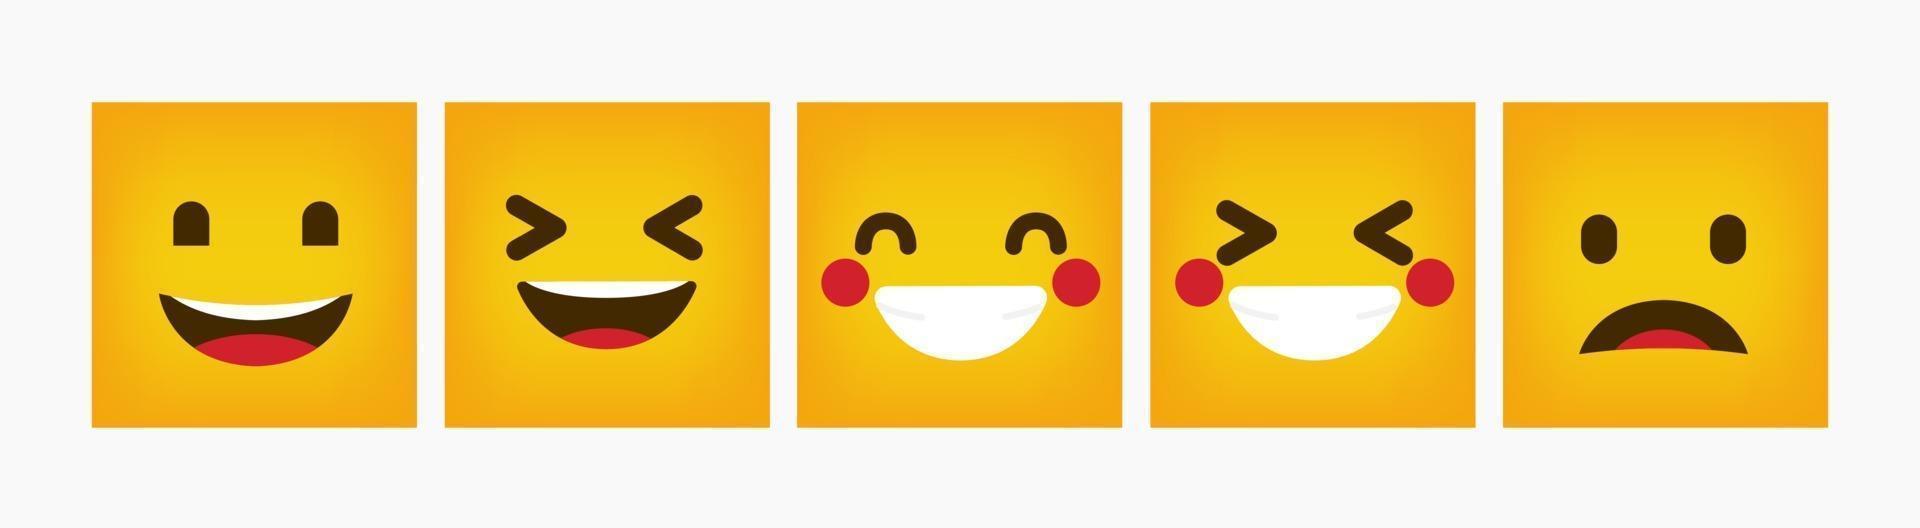 emoticon di reazione design quadrato piatto set vettore